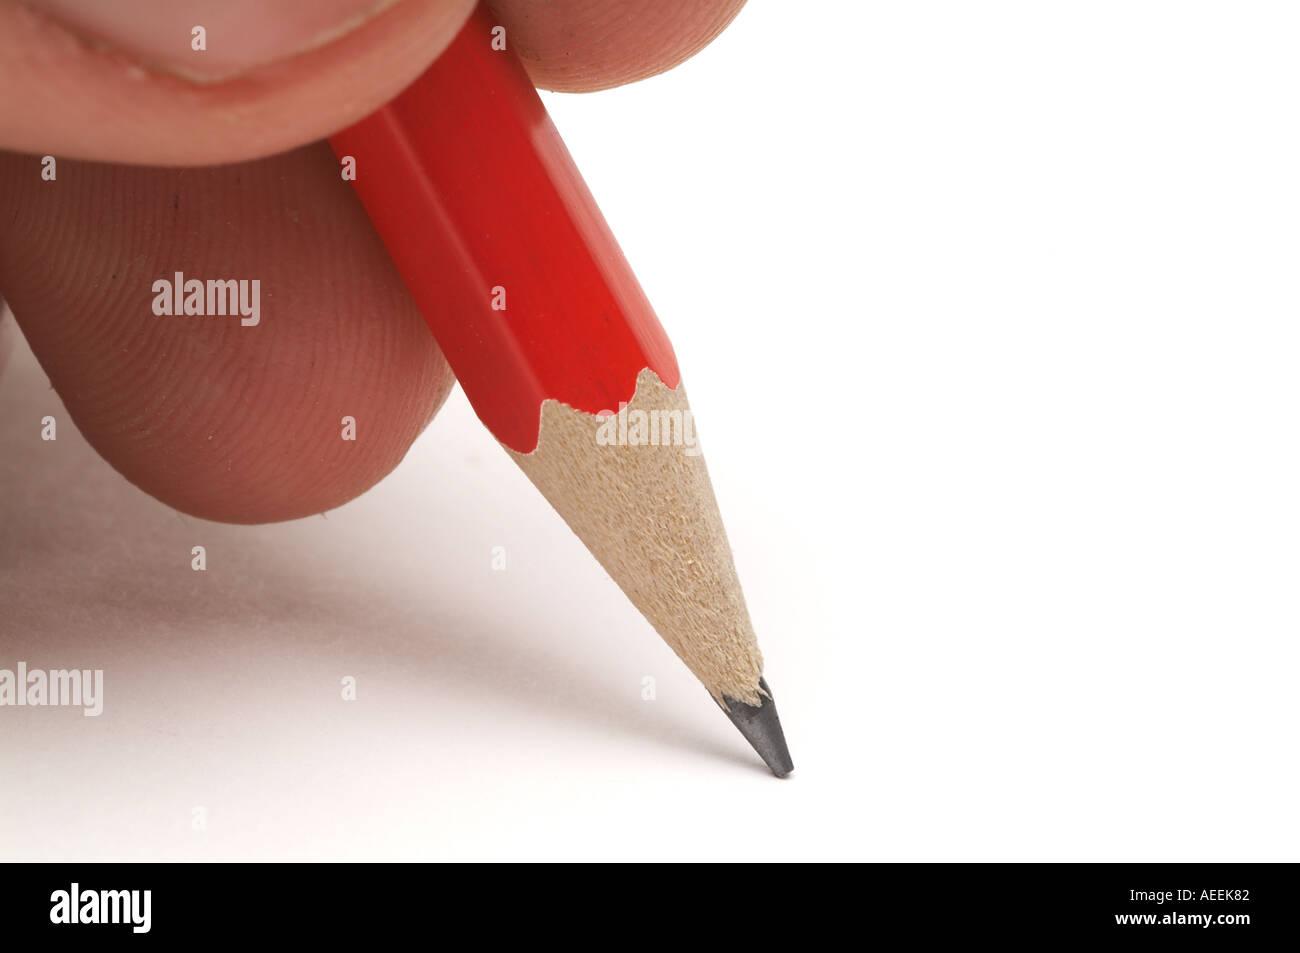 Scrivere Writer La scrittura di disegnare arte artista matita disegno artistico pagina vuota della carta blocco scrittori idea nota memo scribble doodle doodl Immagini Stock